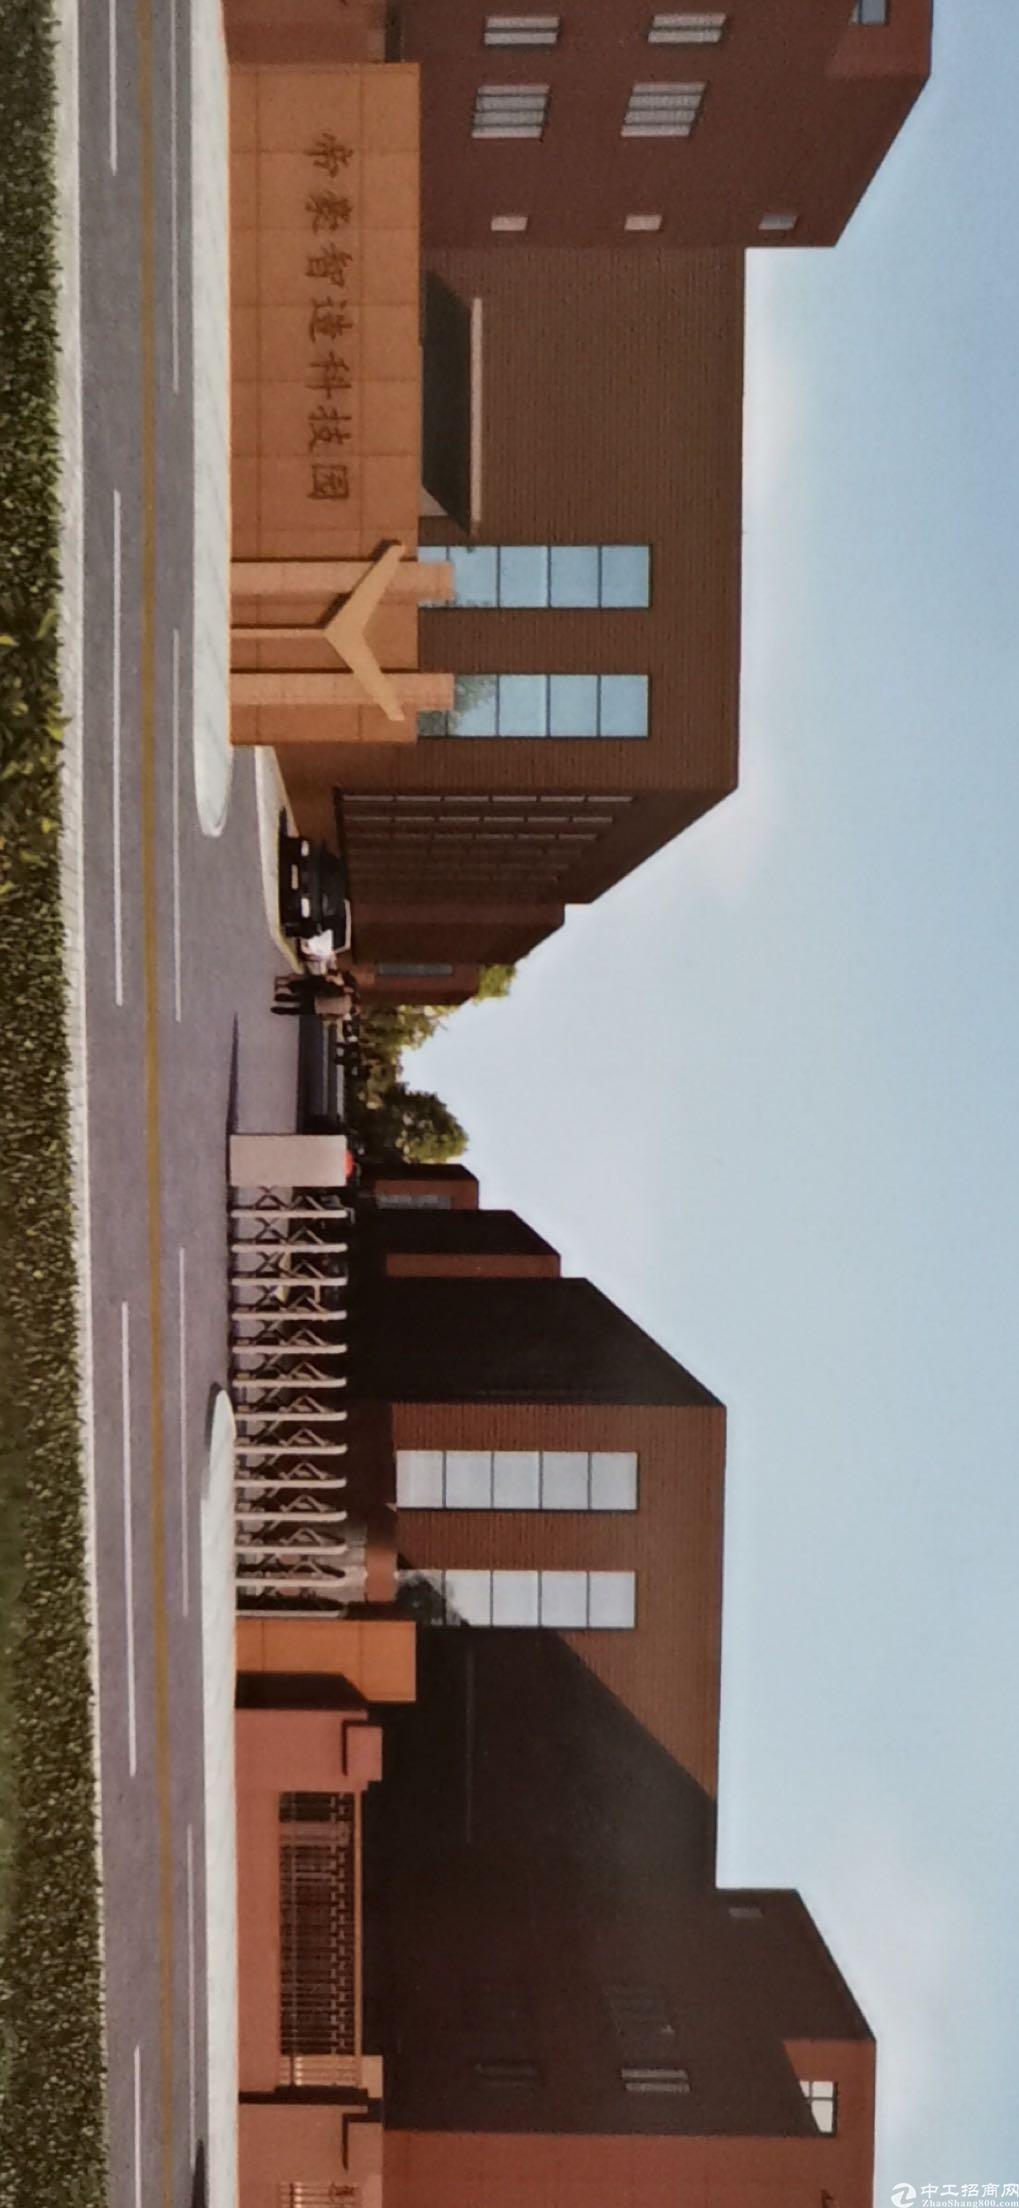 帝豪制造科技园,位于成都到雅安之间,成都半小时经济圈,目